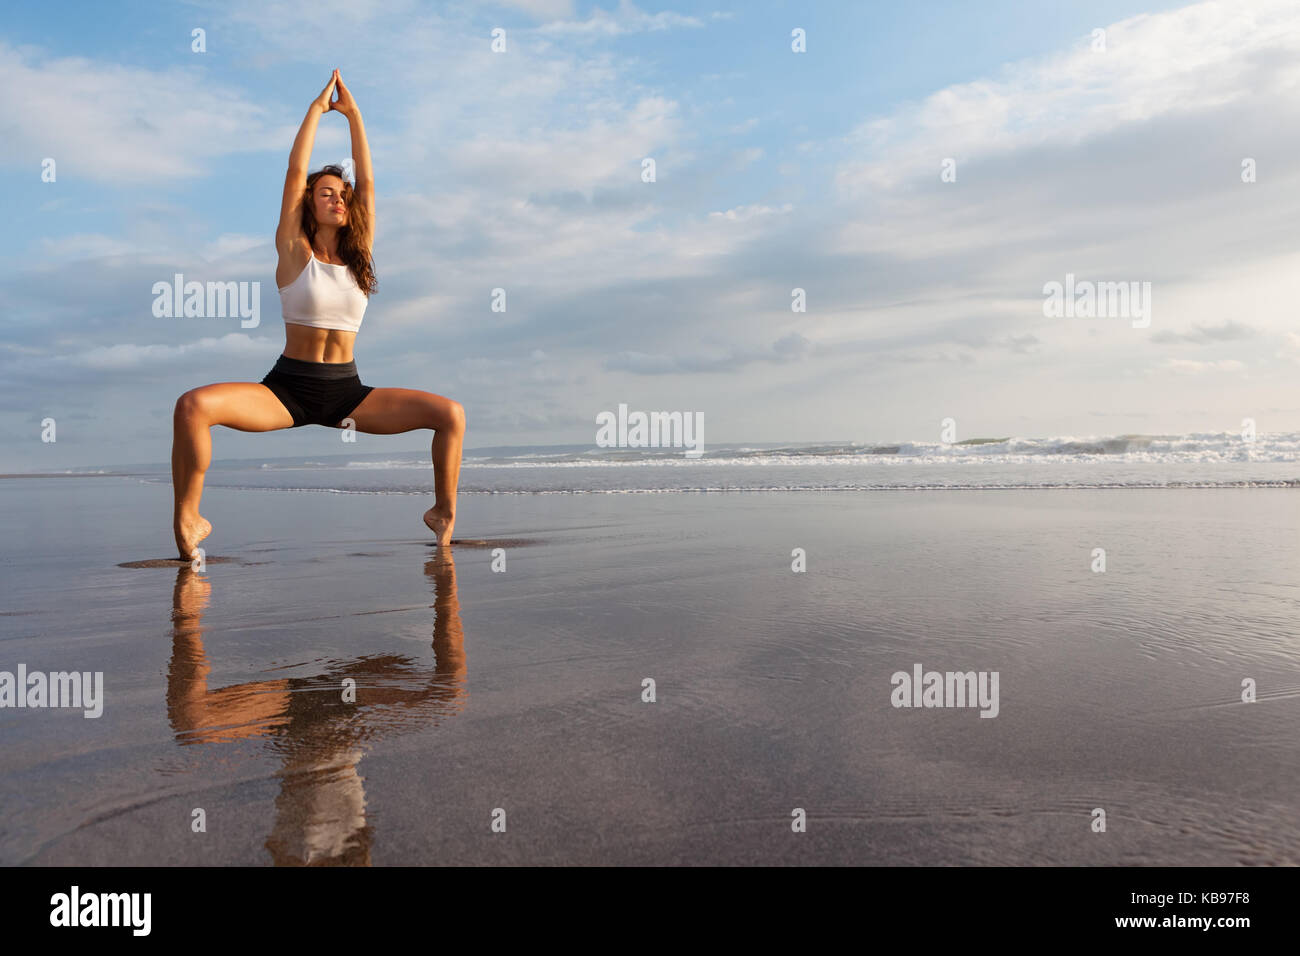 La méditation sur fond de ciel coucher. Jeune femme active en yoga pose sur la plage de la mer, s'étirant Photo Stock